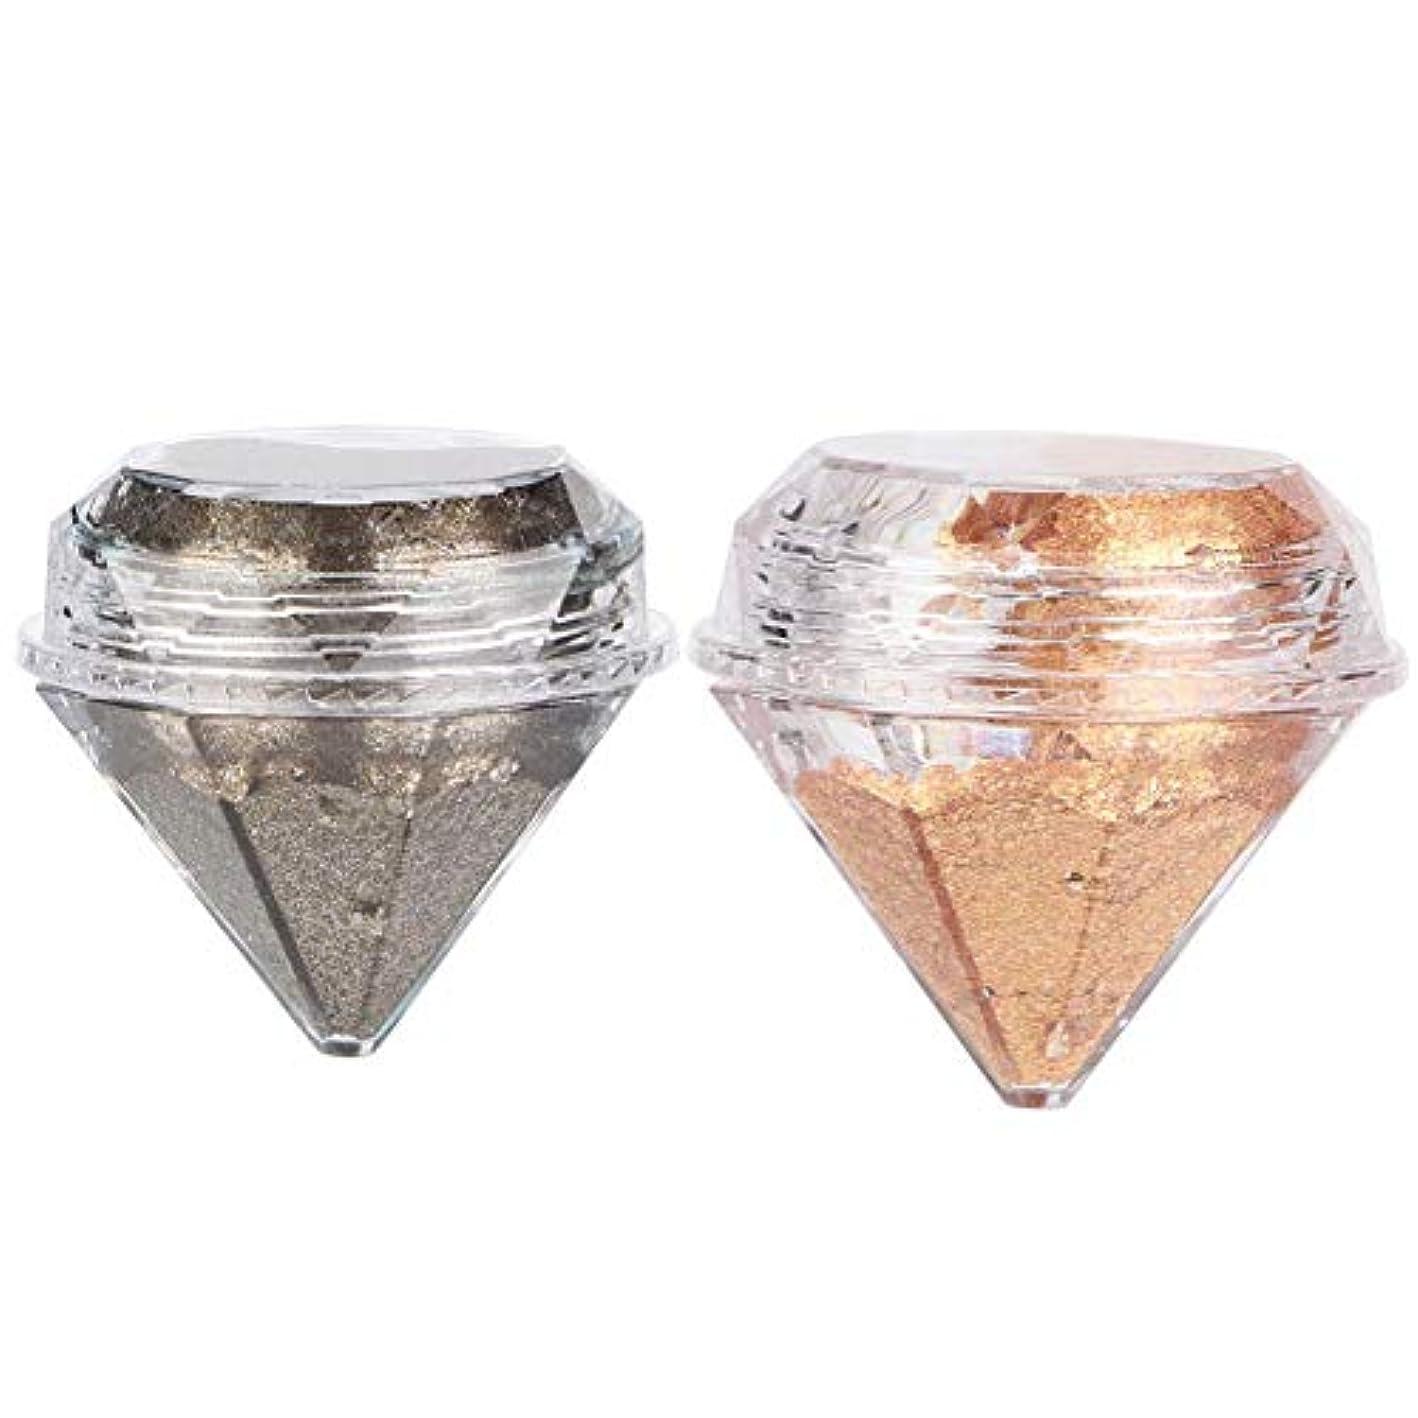 はず確かに報いるアイシャドウクリームパールシャイニングダイヤモンドリキッドアイシャドーメイクアップツール(01)